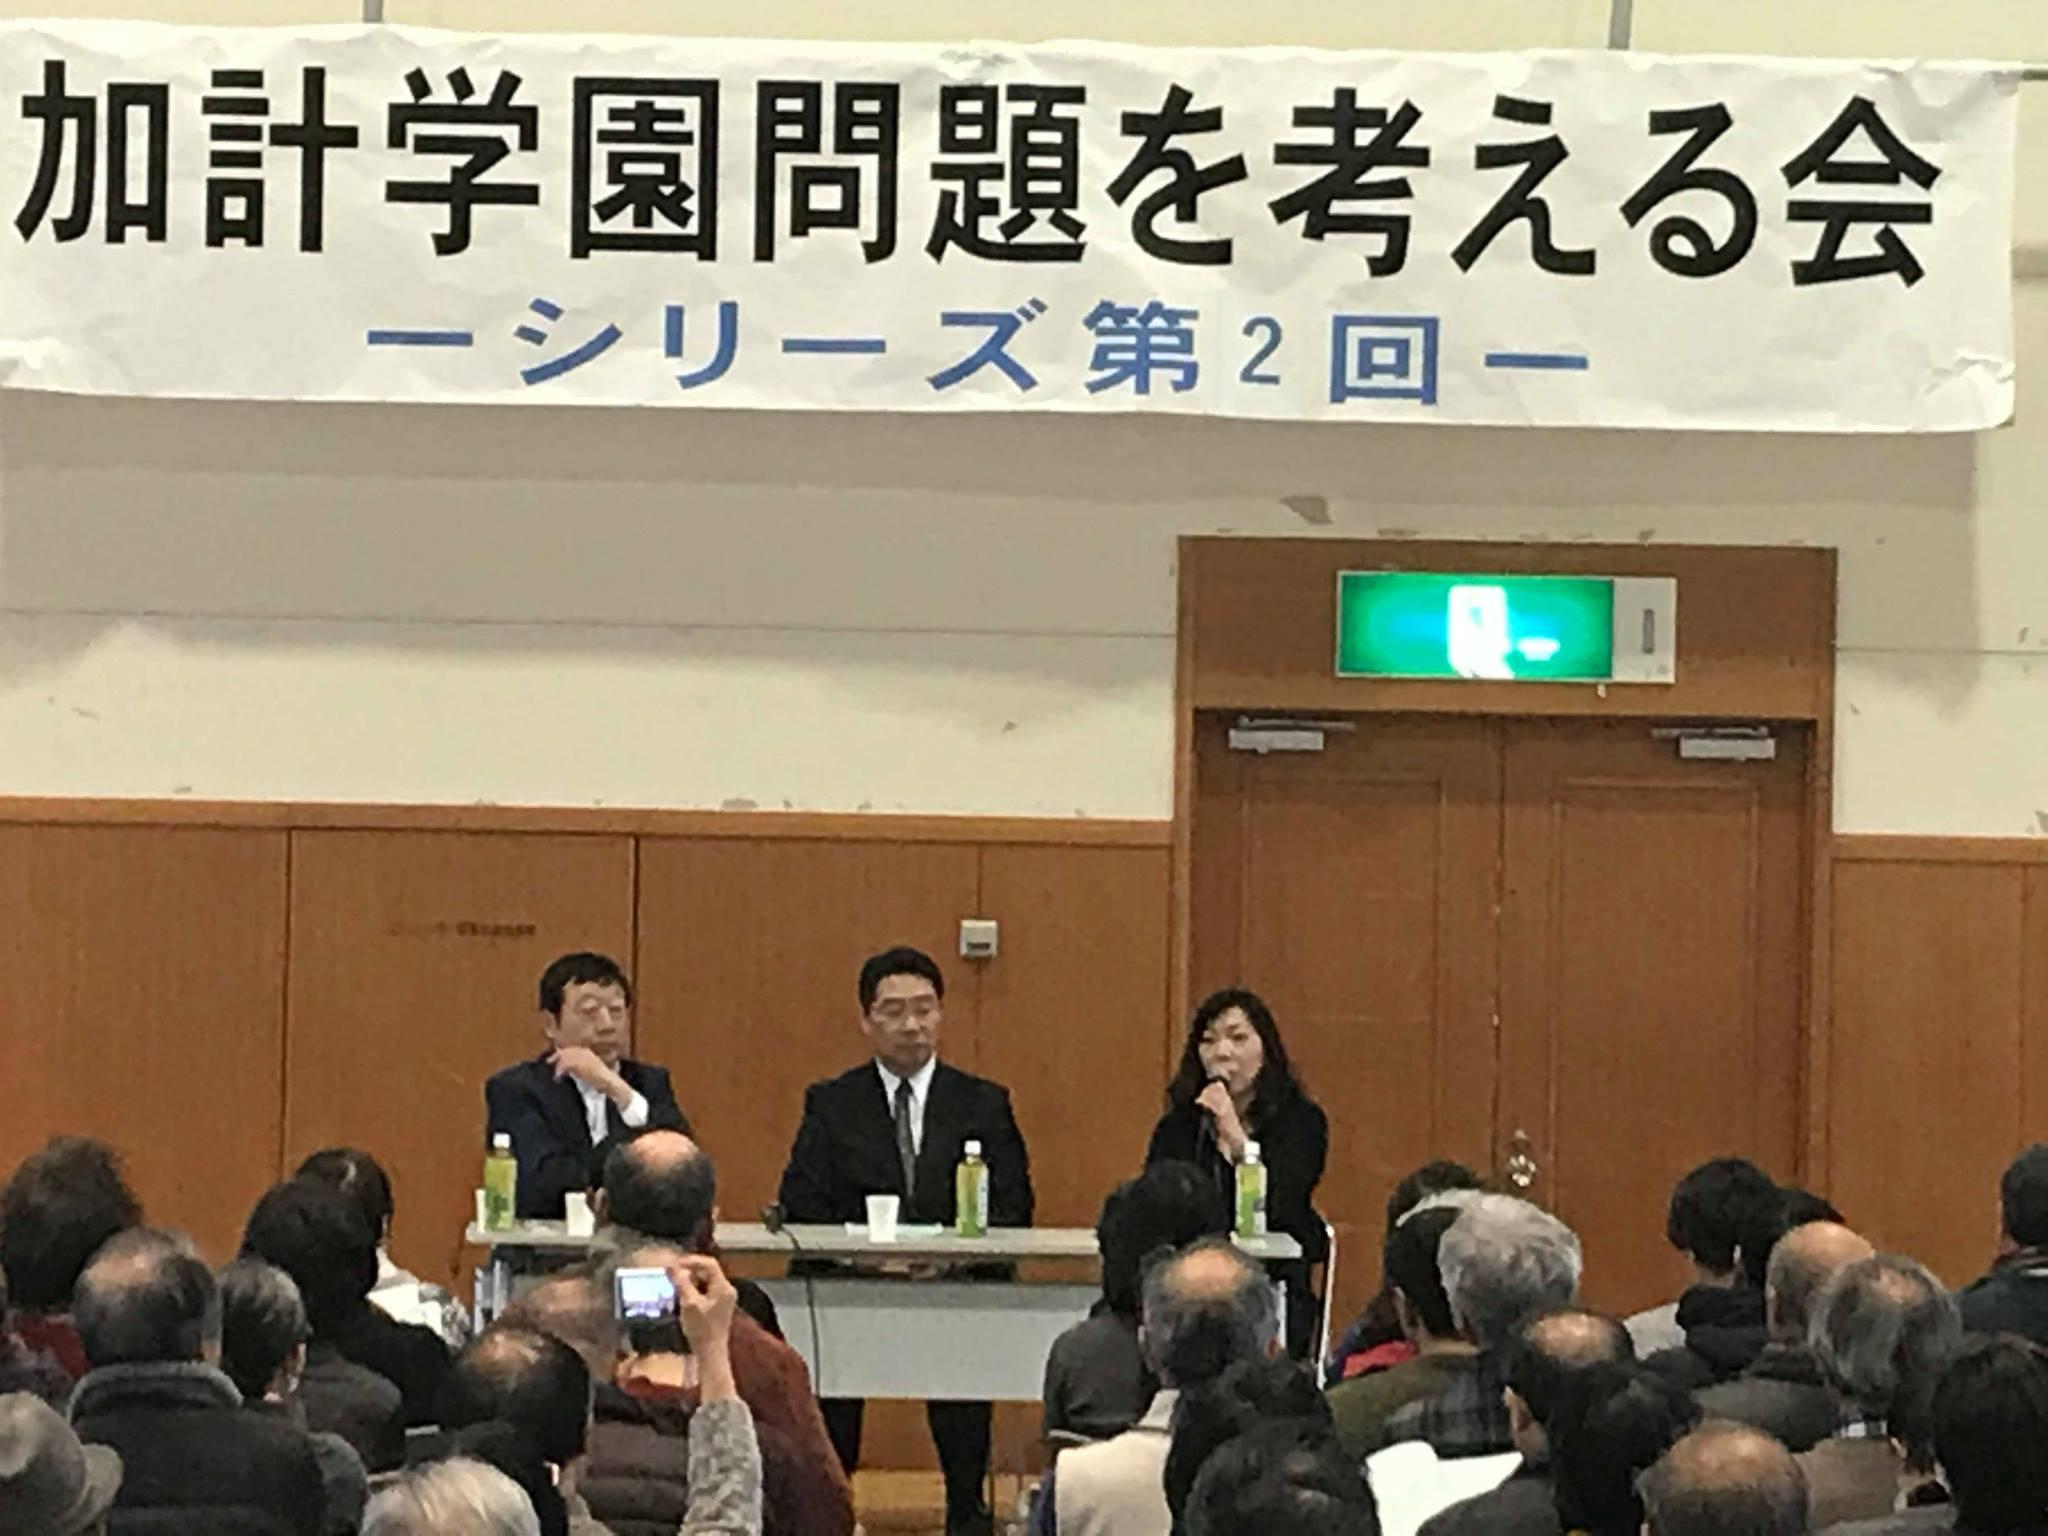 前川喜平さんと加計学園問題を考える会